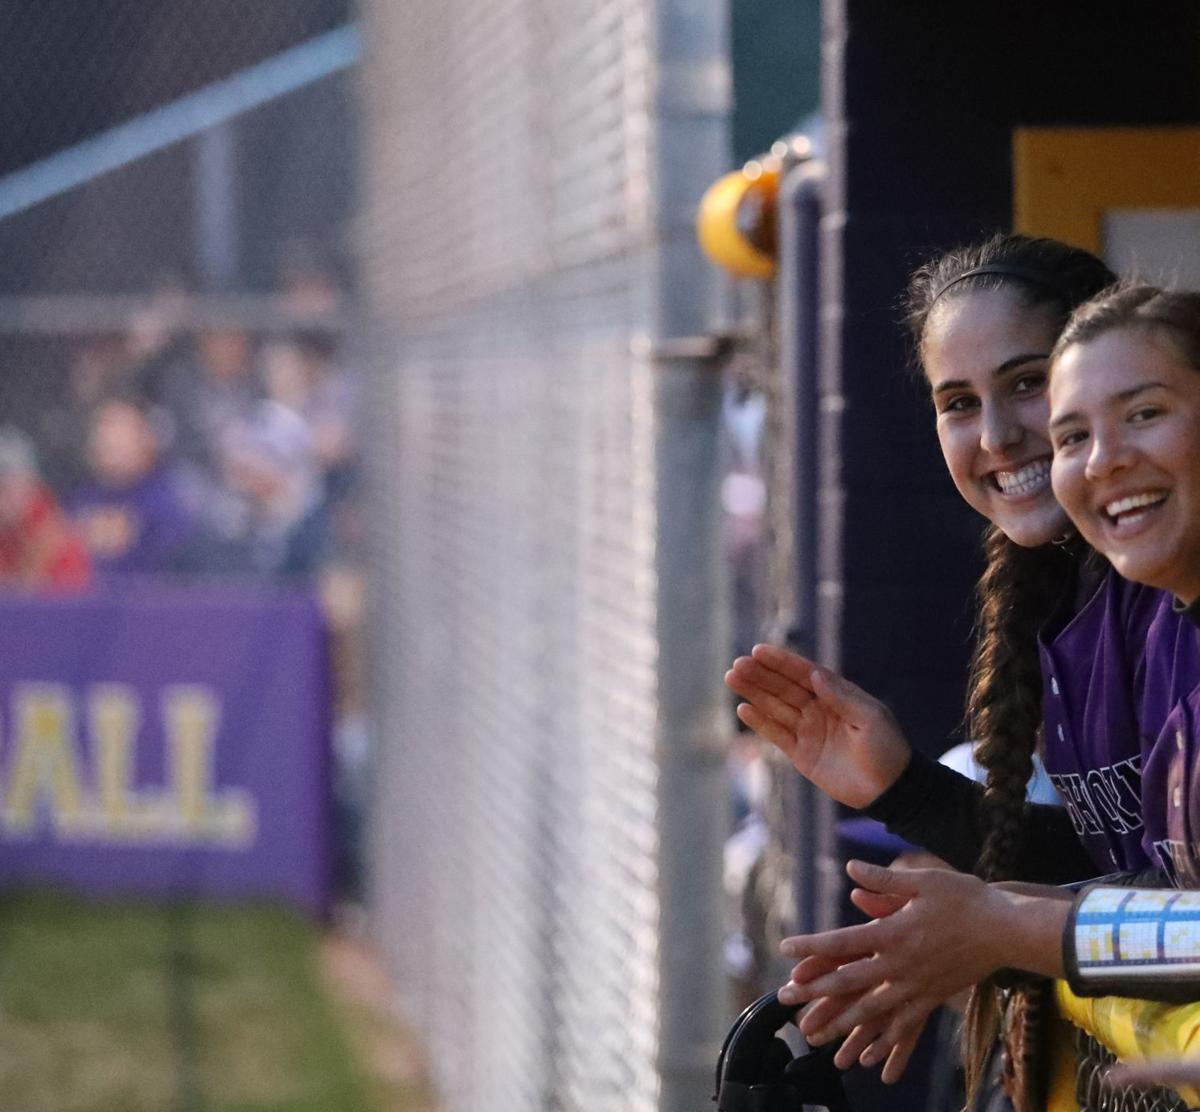 Softball Raci Miranda and Chanci Landress Smiling 2019